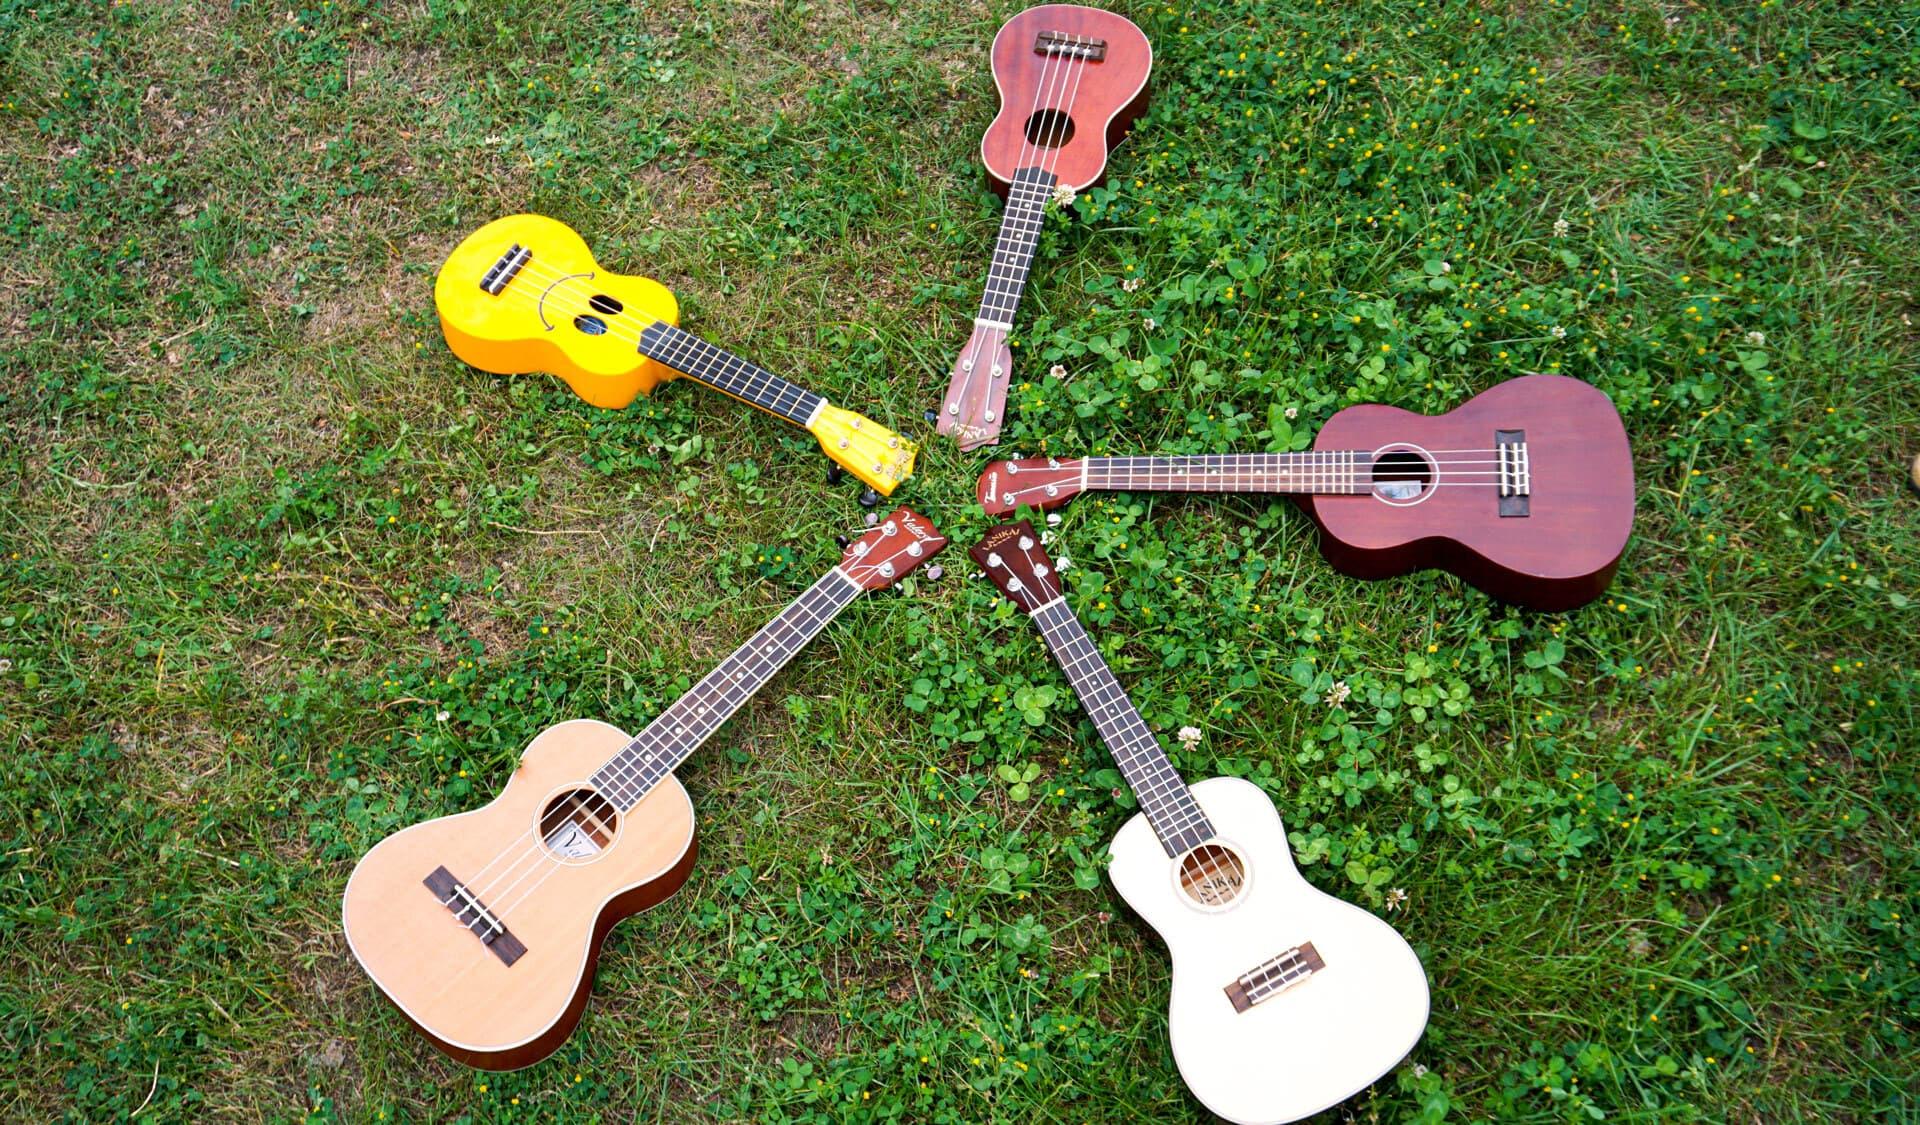 Fünf Ukulelen liegen im Gras.